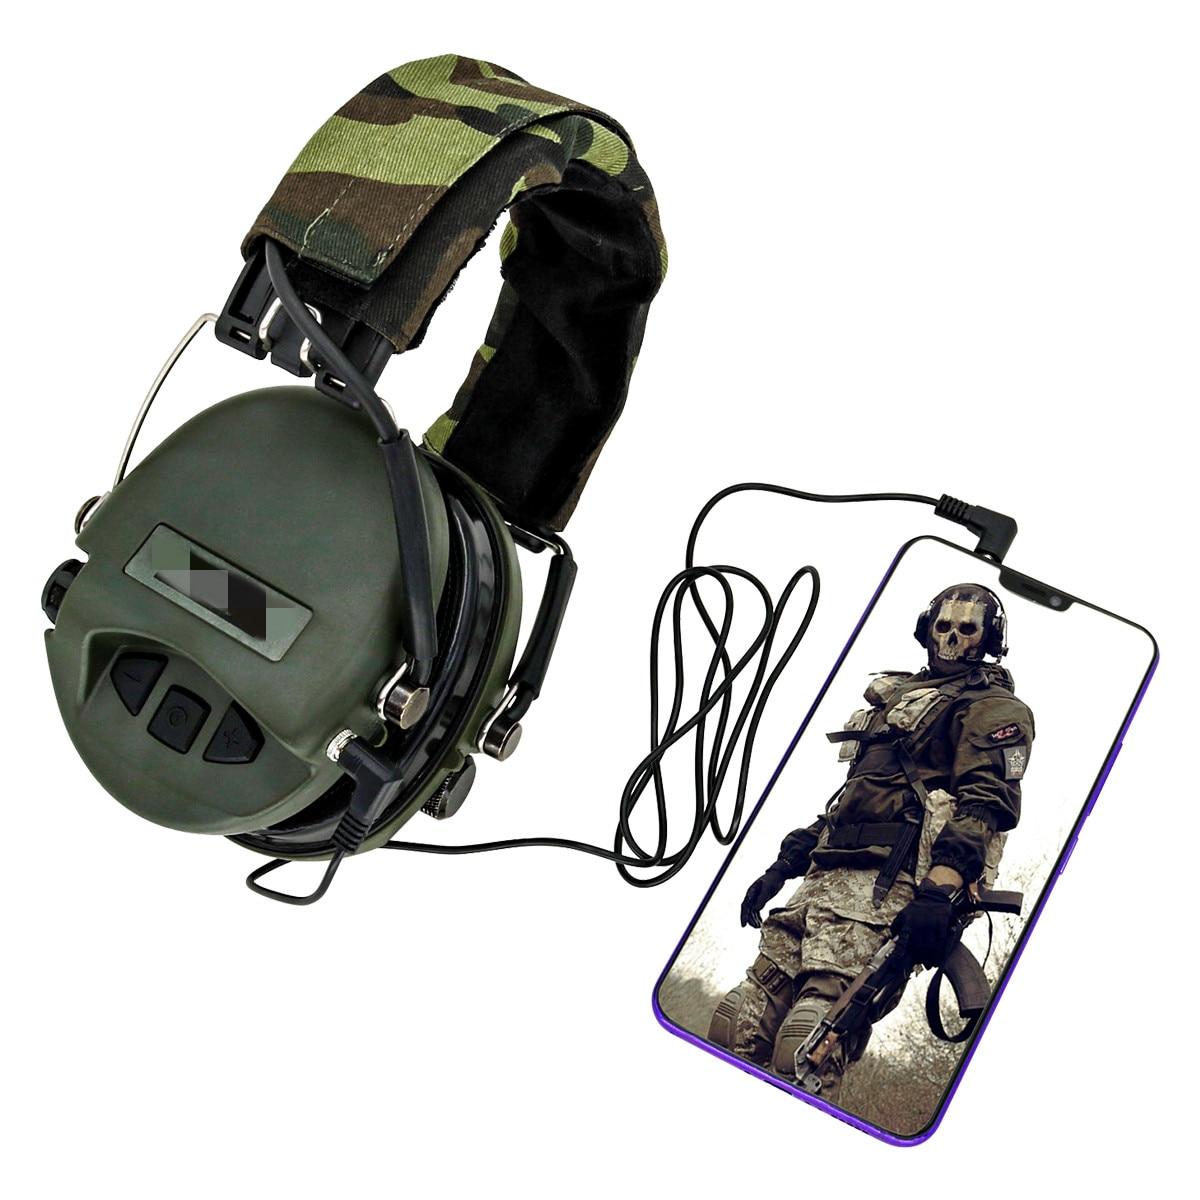 Tactical MSA Airsoft Sordin Kopfhörer Outdoor Jagd Elektronische Gehörschutz Lärm Reduktion Schießen Tactical Kopfhörer